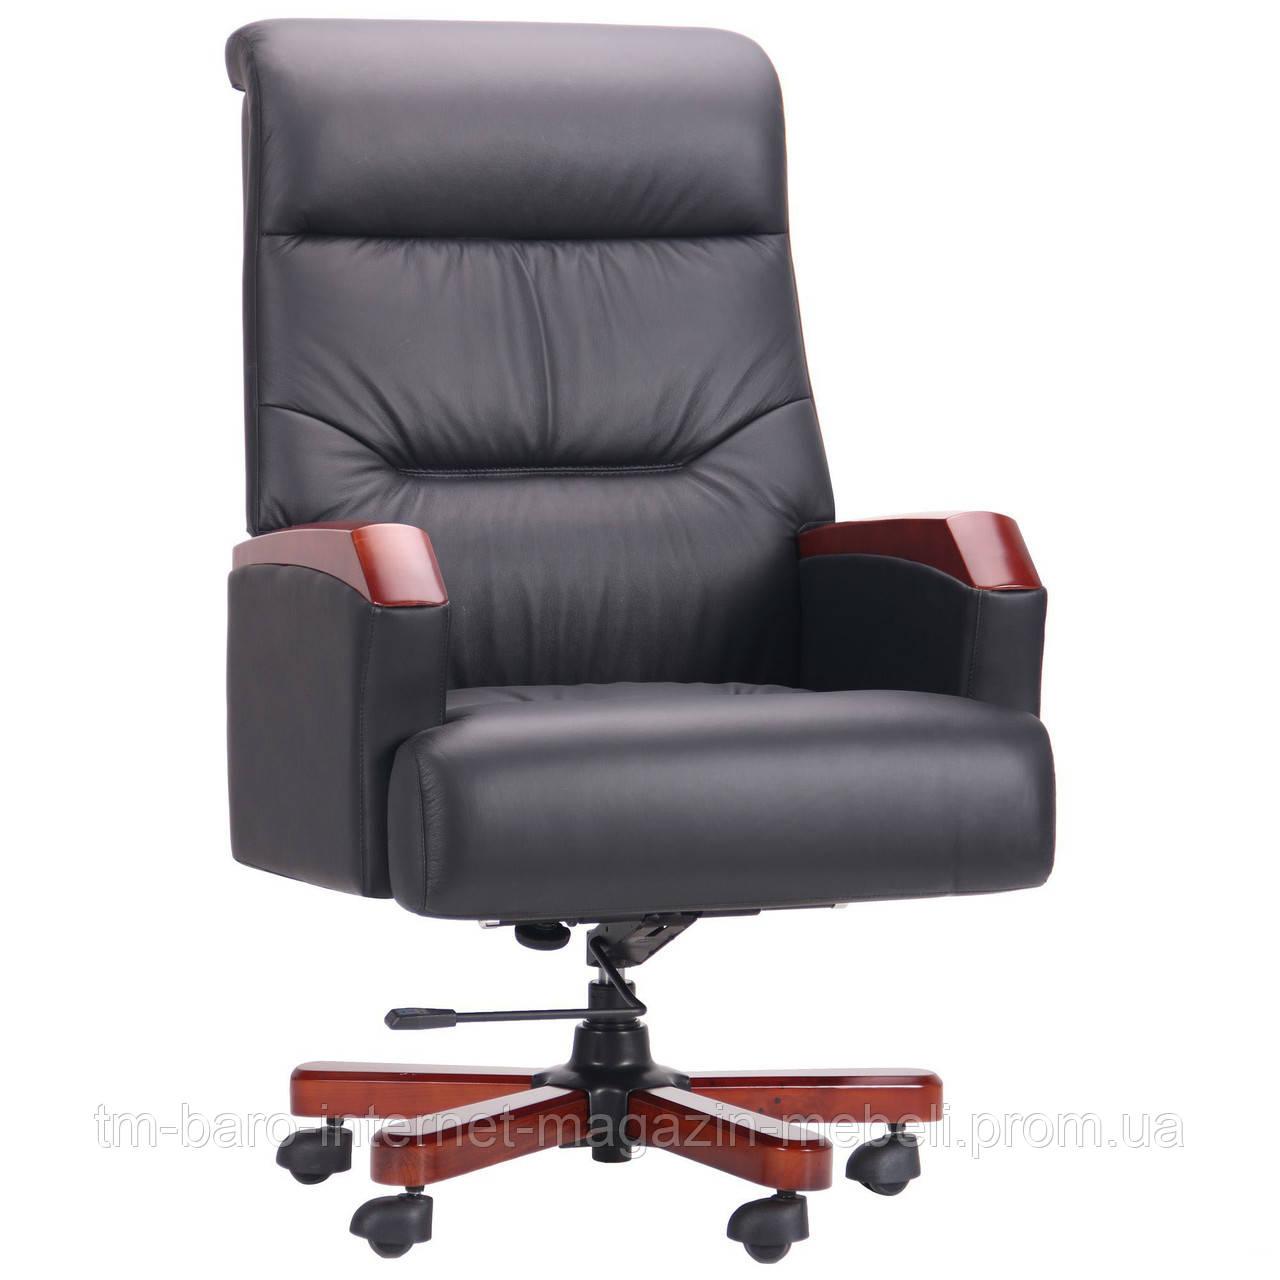 Кресло Ronald Black (Роналд) черный, кожа комбинированная, Бесплатная доставка